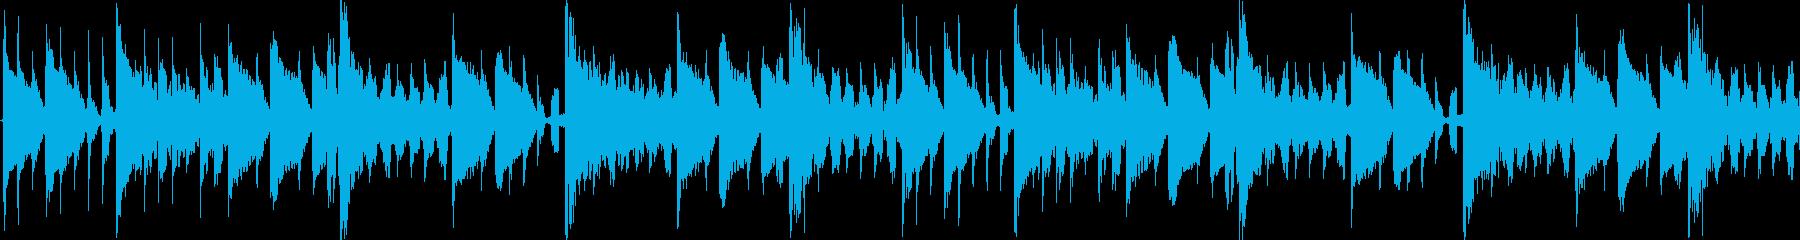 ドラムとベースだけの直球ダブステップの再生済みの波形